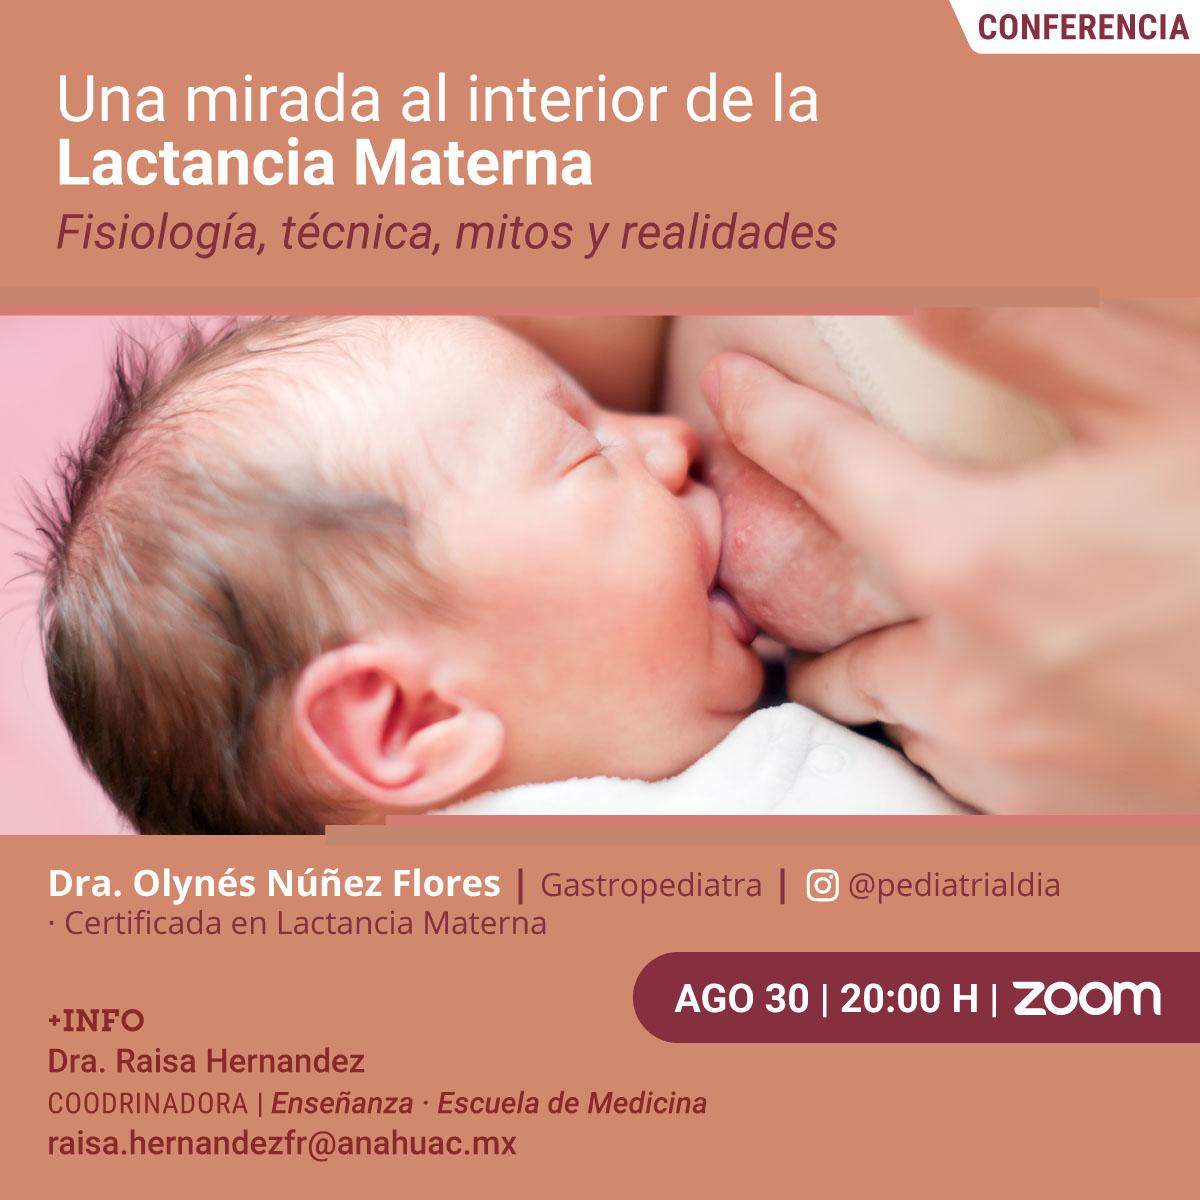 Una Mirada al Interior de la Lactancia Materna